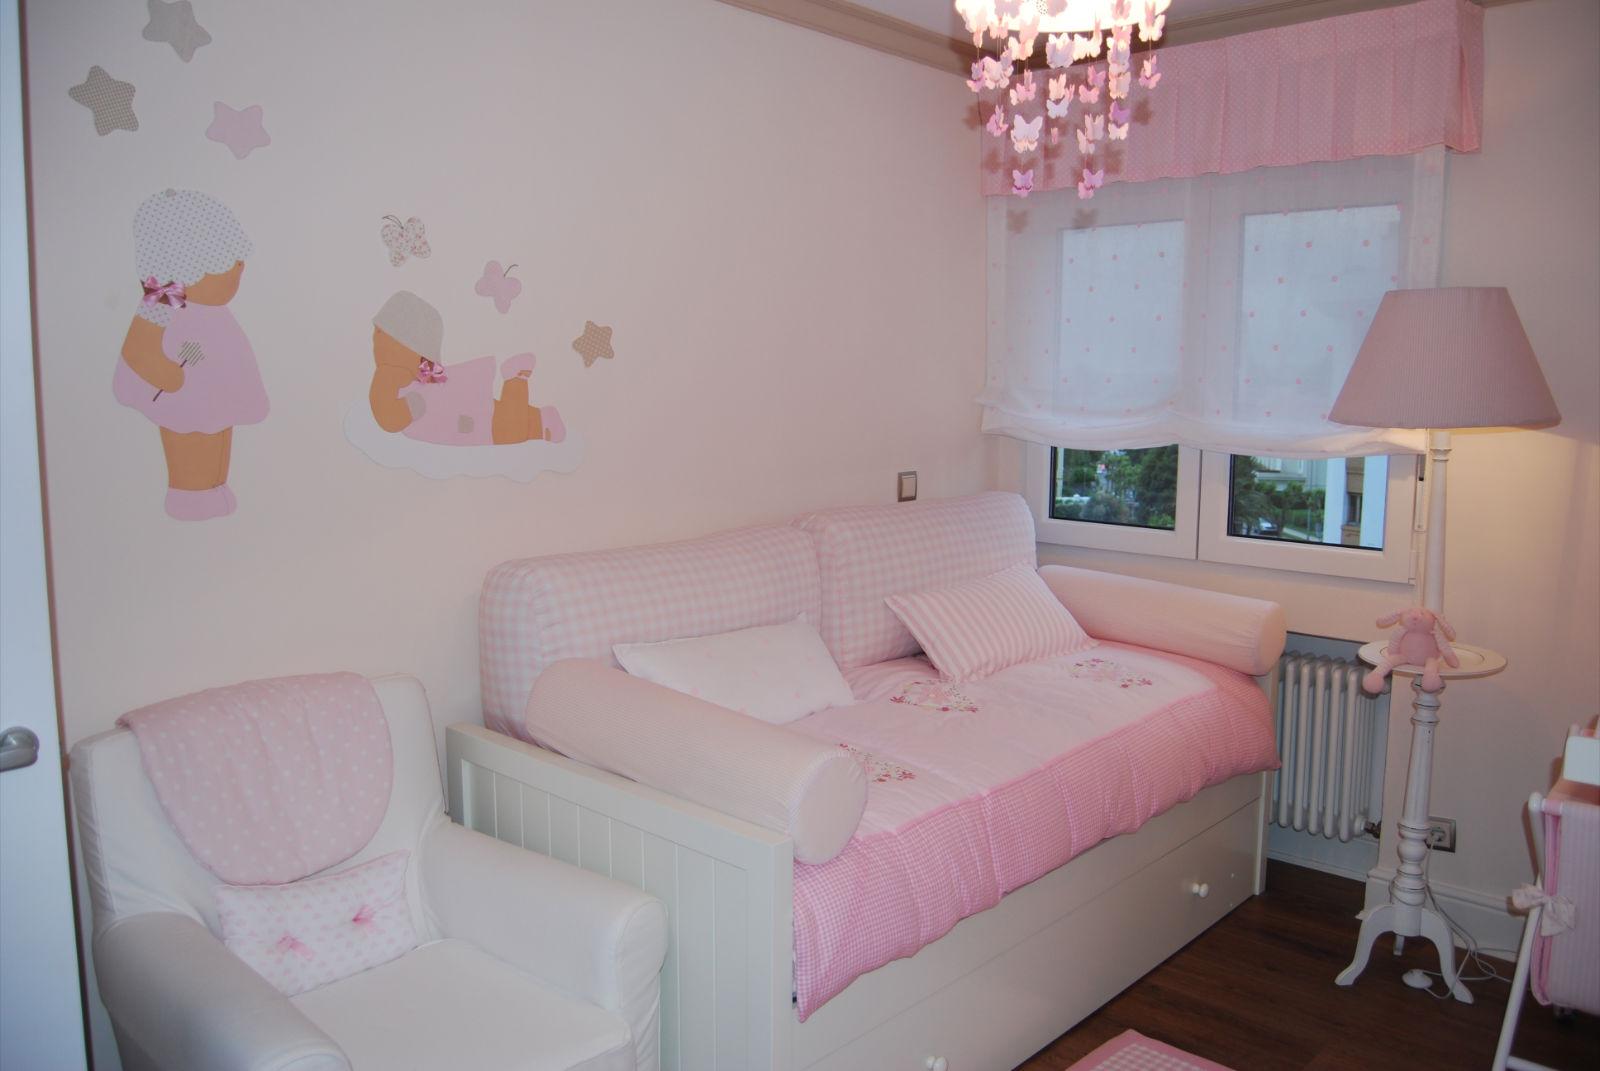 Ayuda decorar habitacion del bebe con gotele decorar - Estores infantiles leroy merlin ...